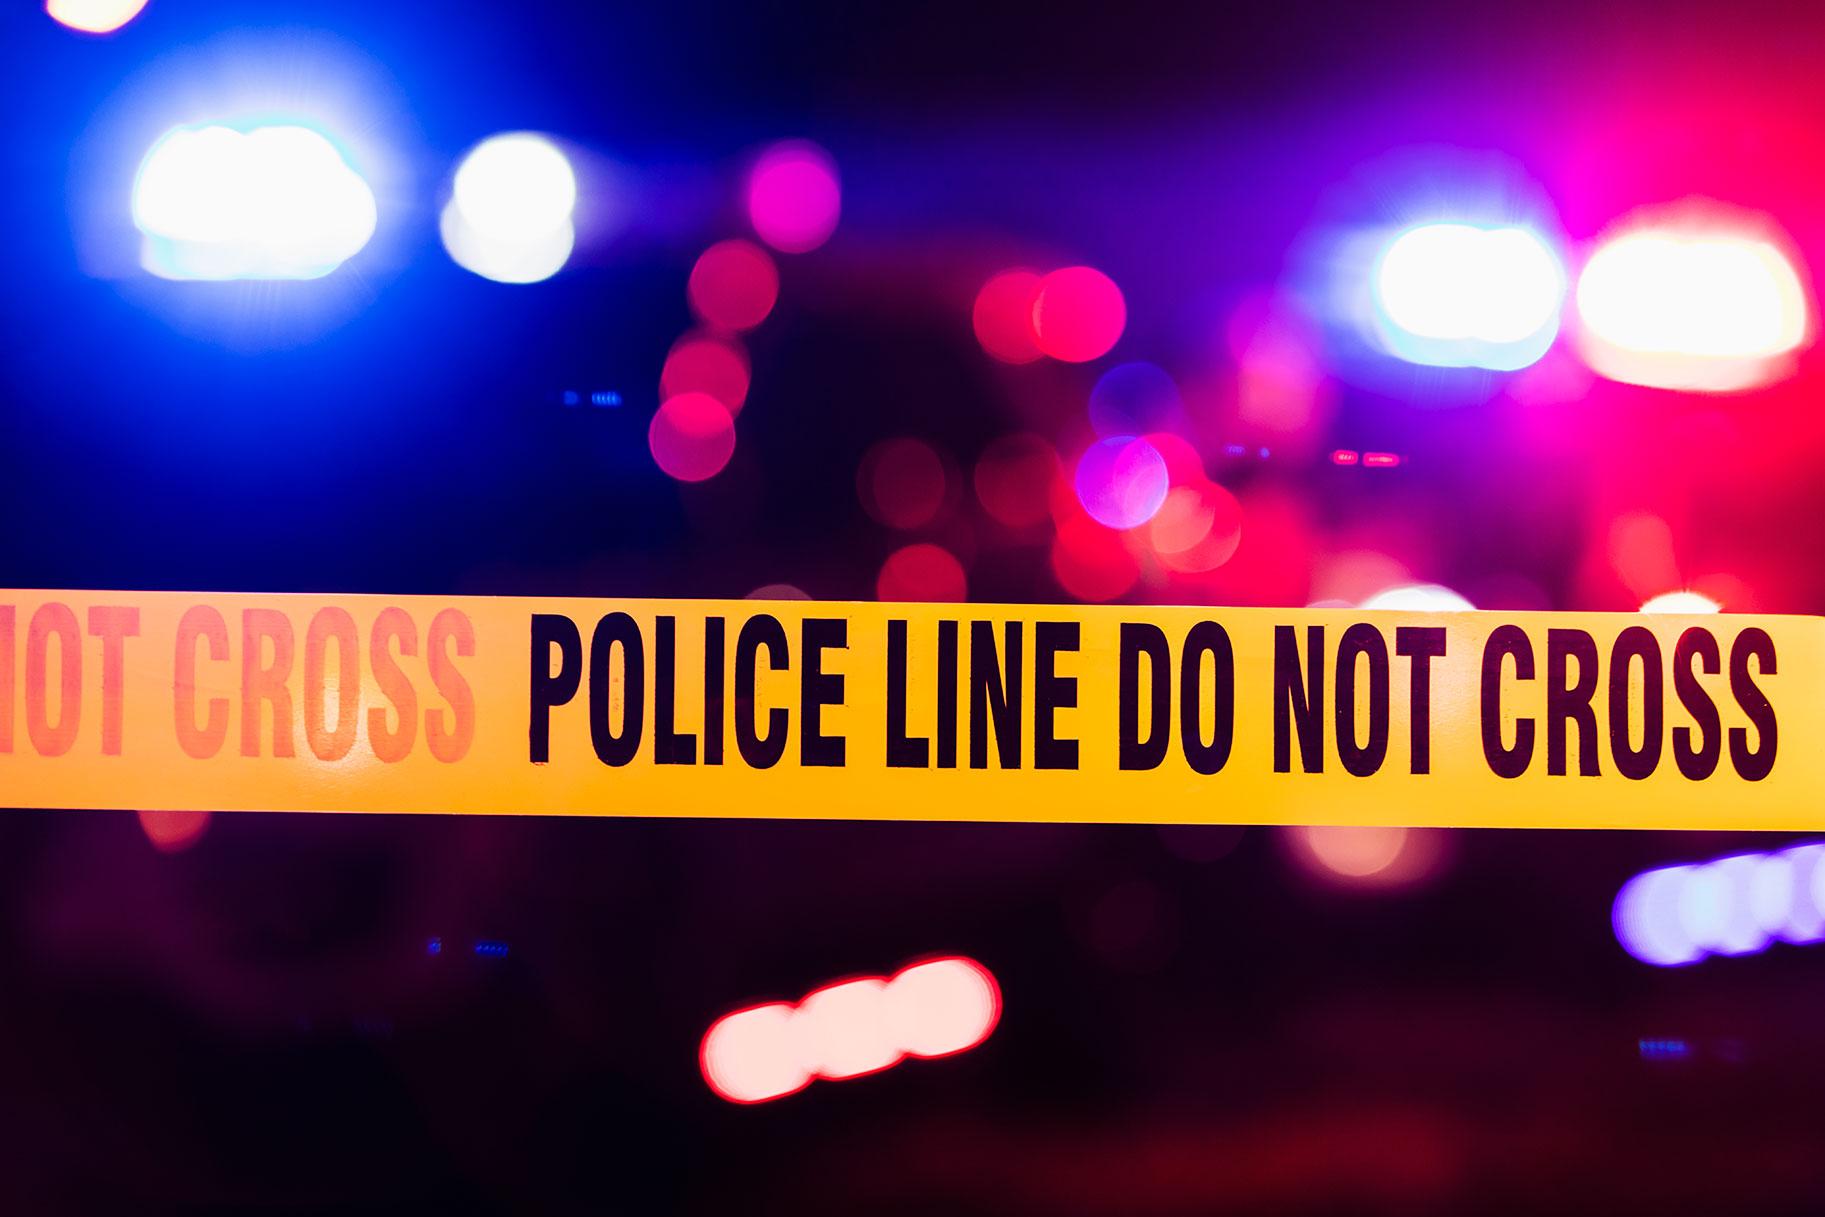 אמא ללא עלייה תלויה מחוץ לחלון המכונית נהרגה לאחר שראשה פוגע במנורה